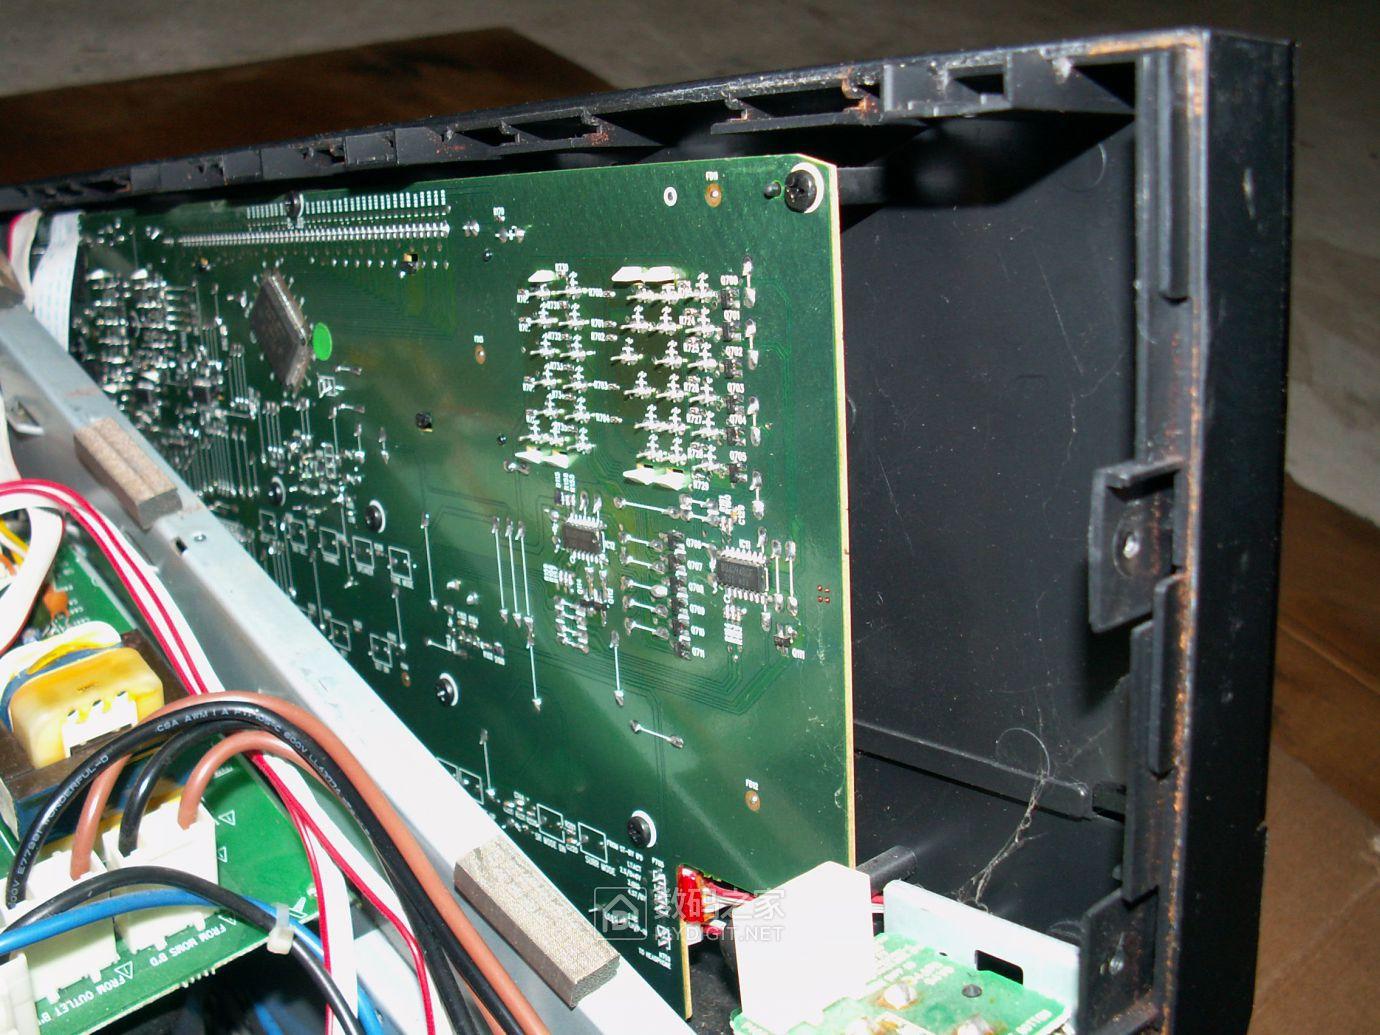 【热点】维修利利普OWON-SDS8102V示波器旋钮失灵,拆机更换全部编码器 数码拆机百科 第41张